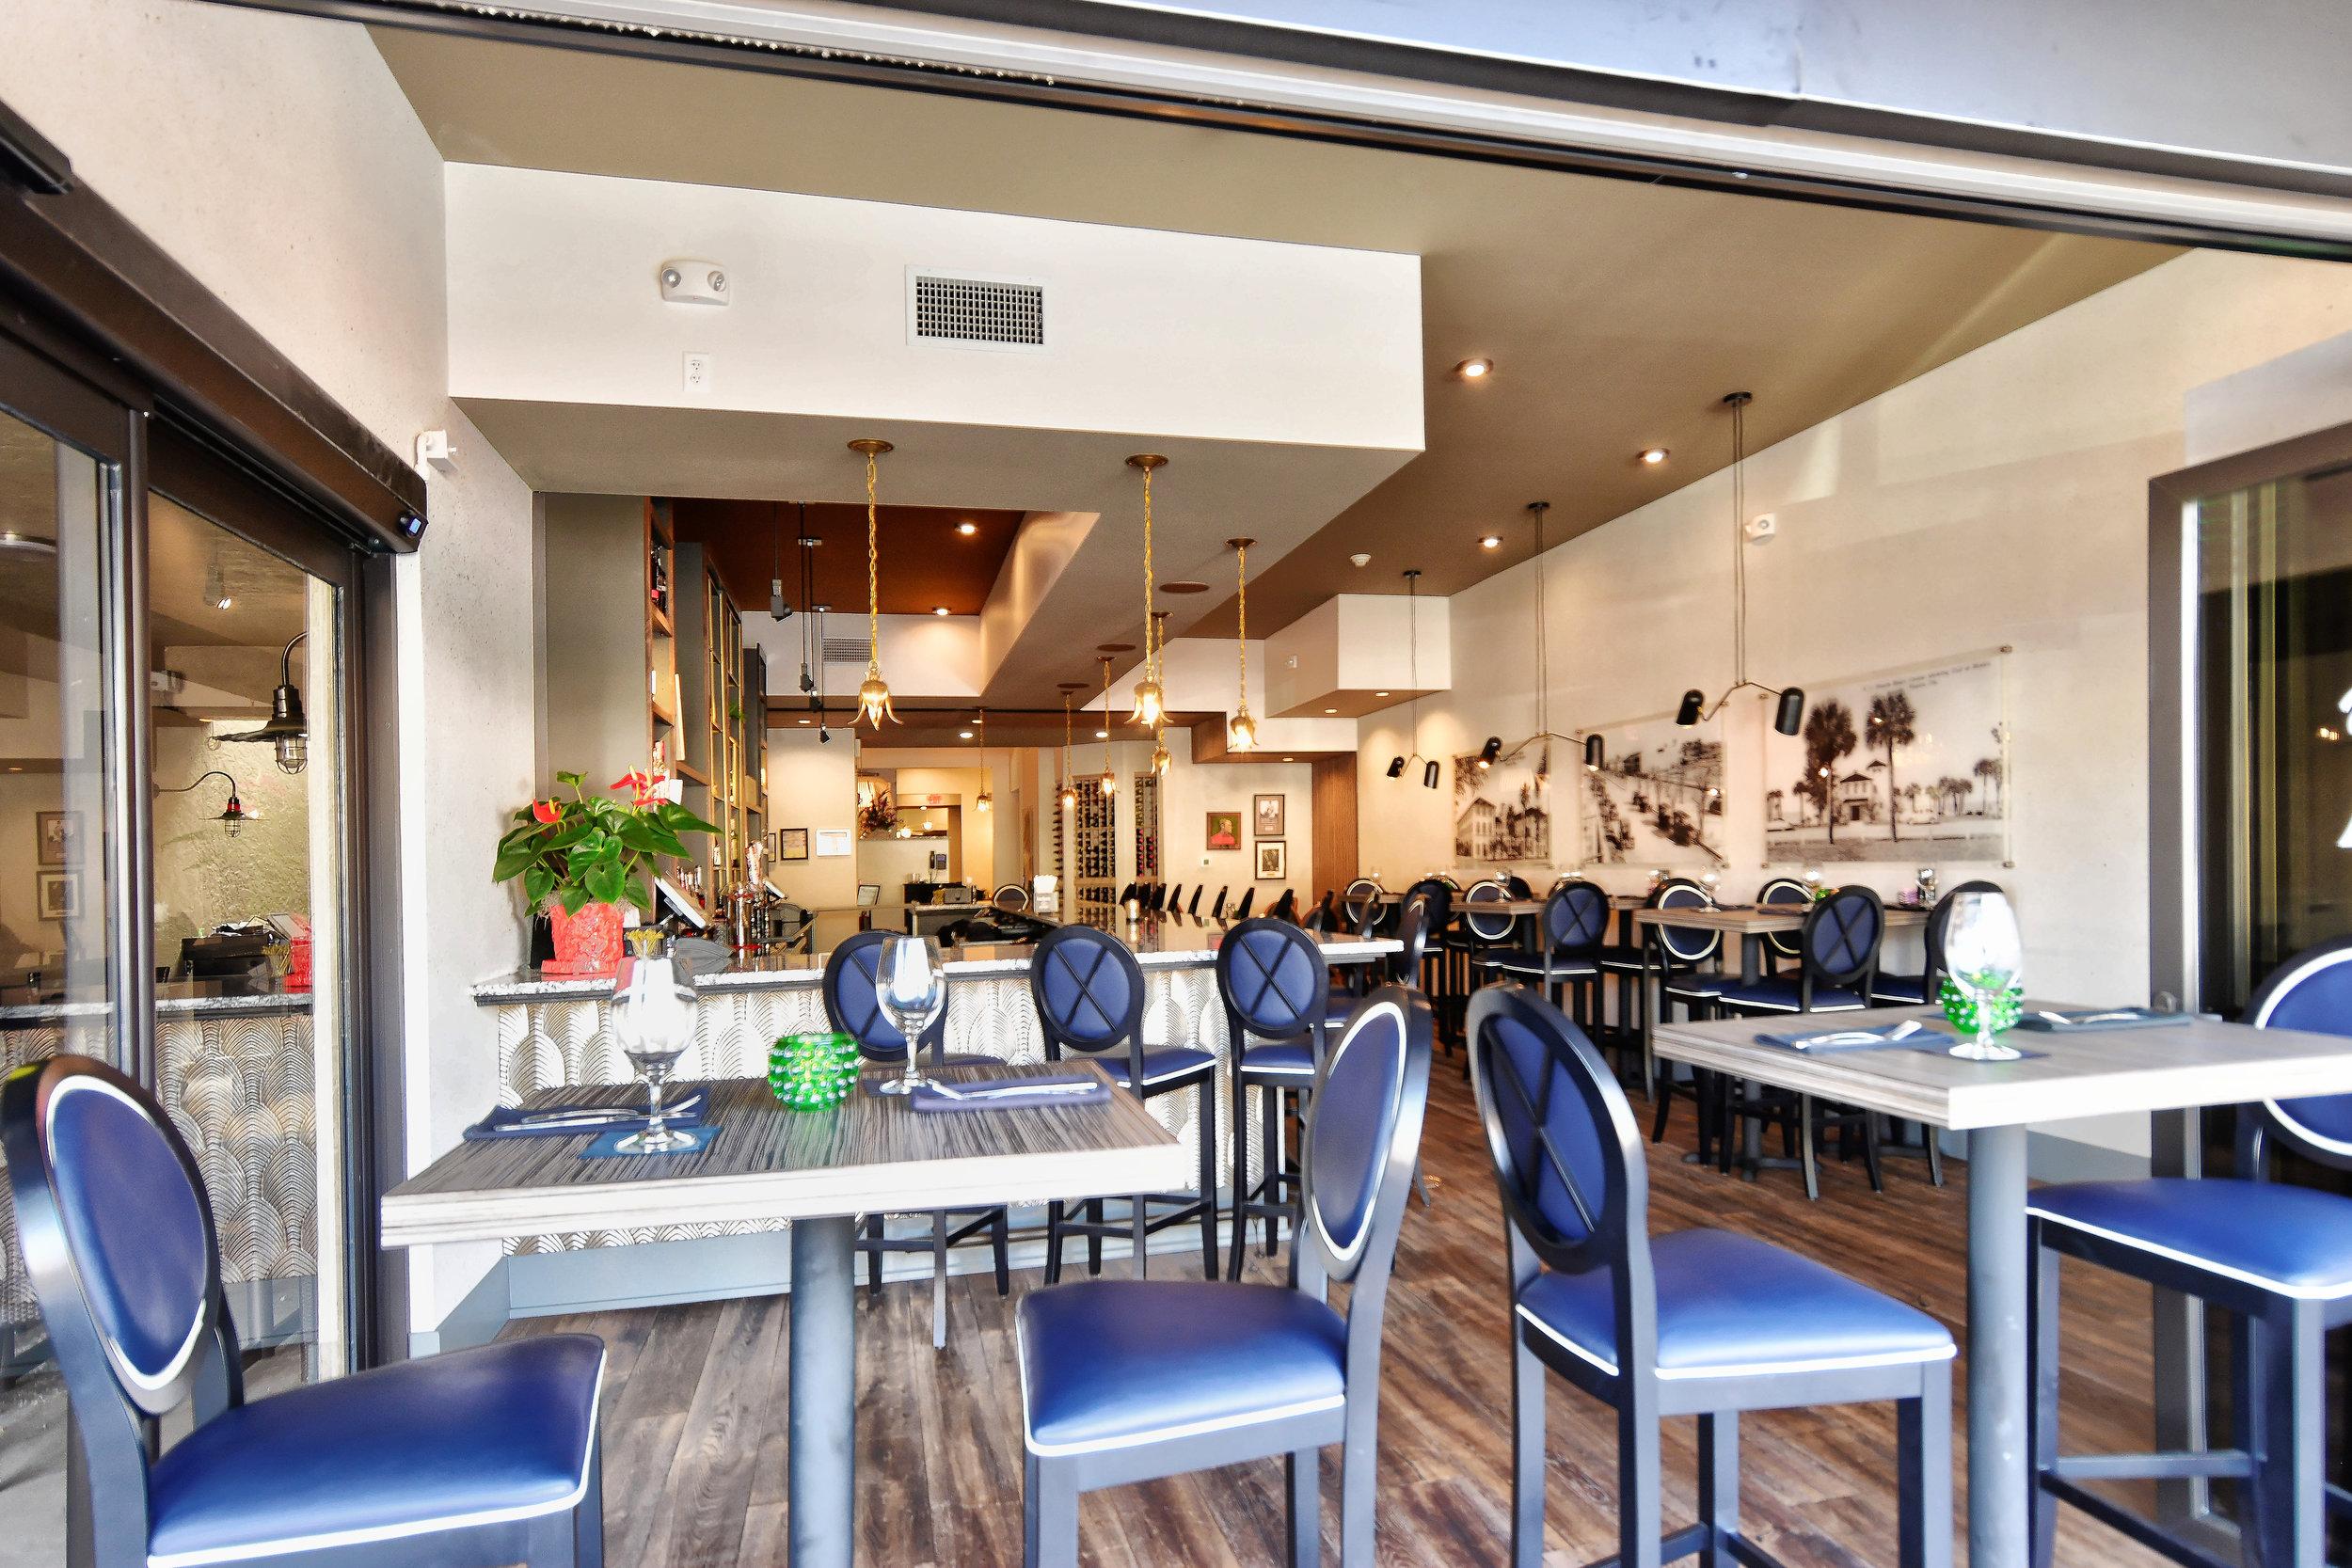 101-West-Venice-Avenue-Cafe-Venice-104.jpg